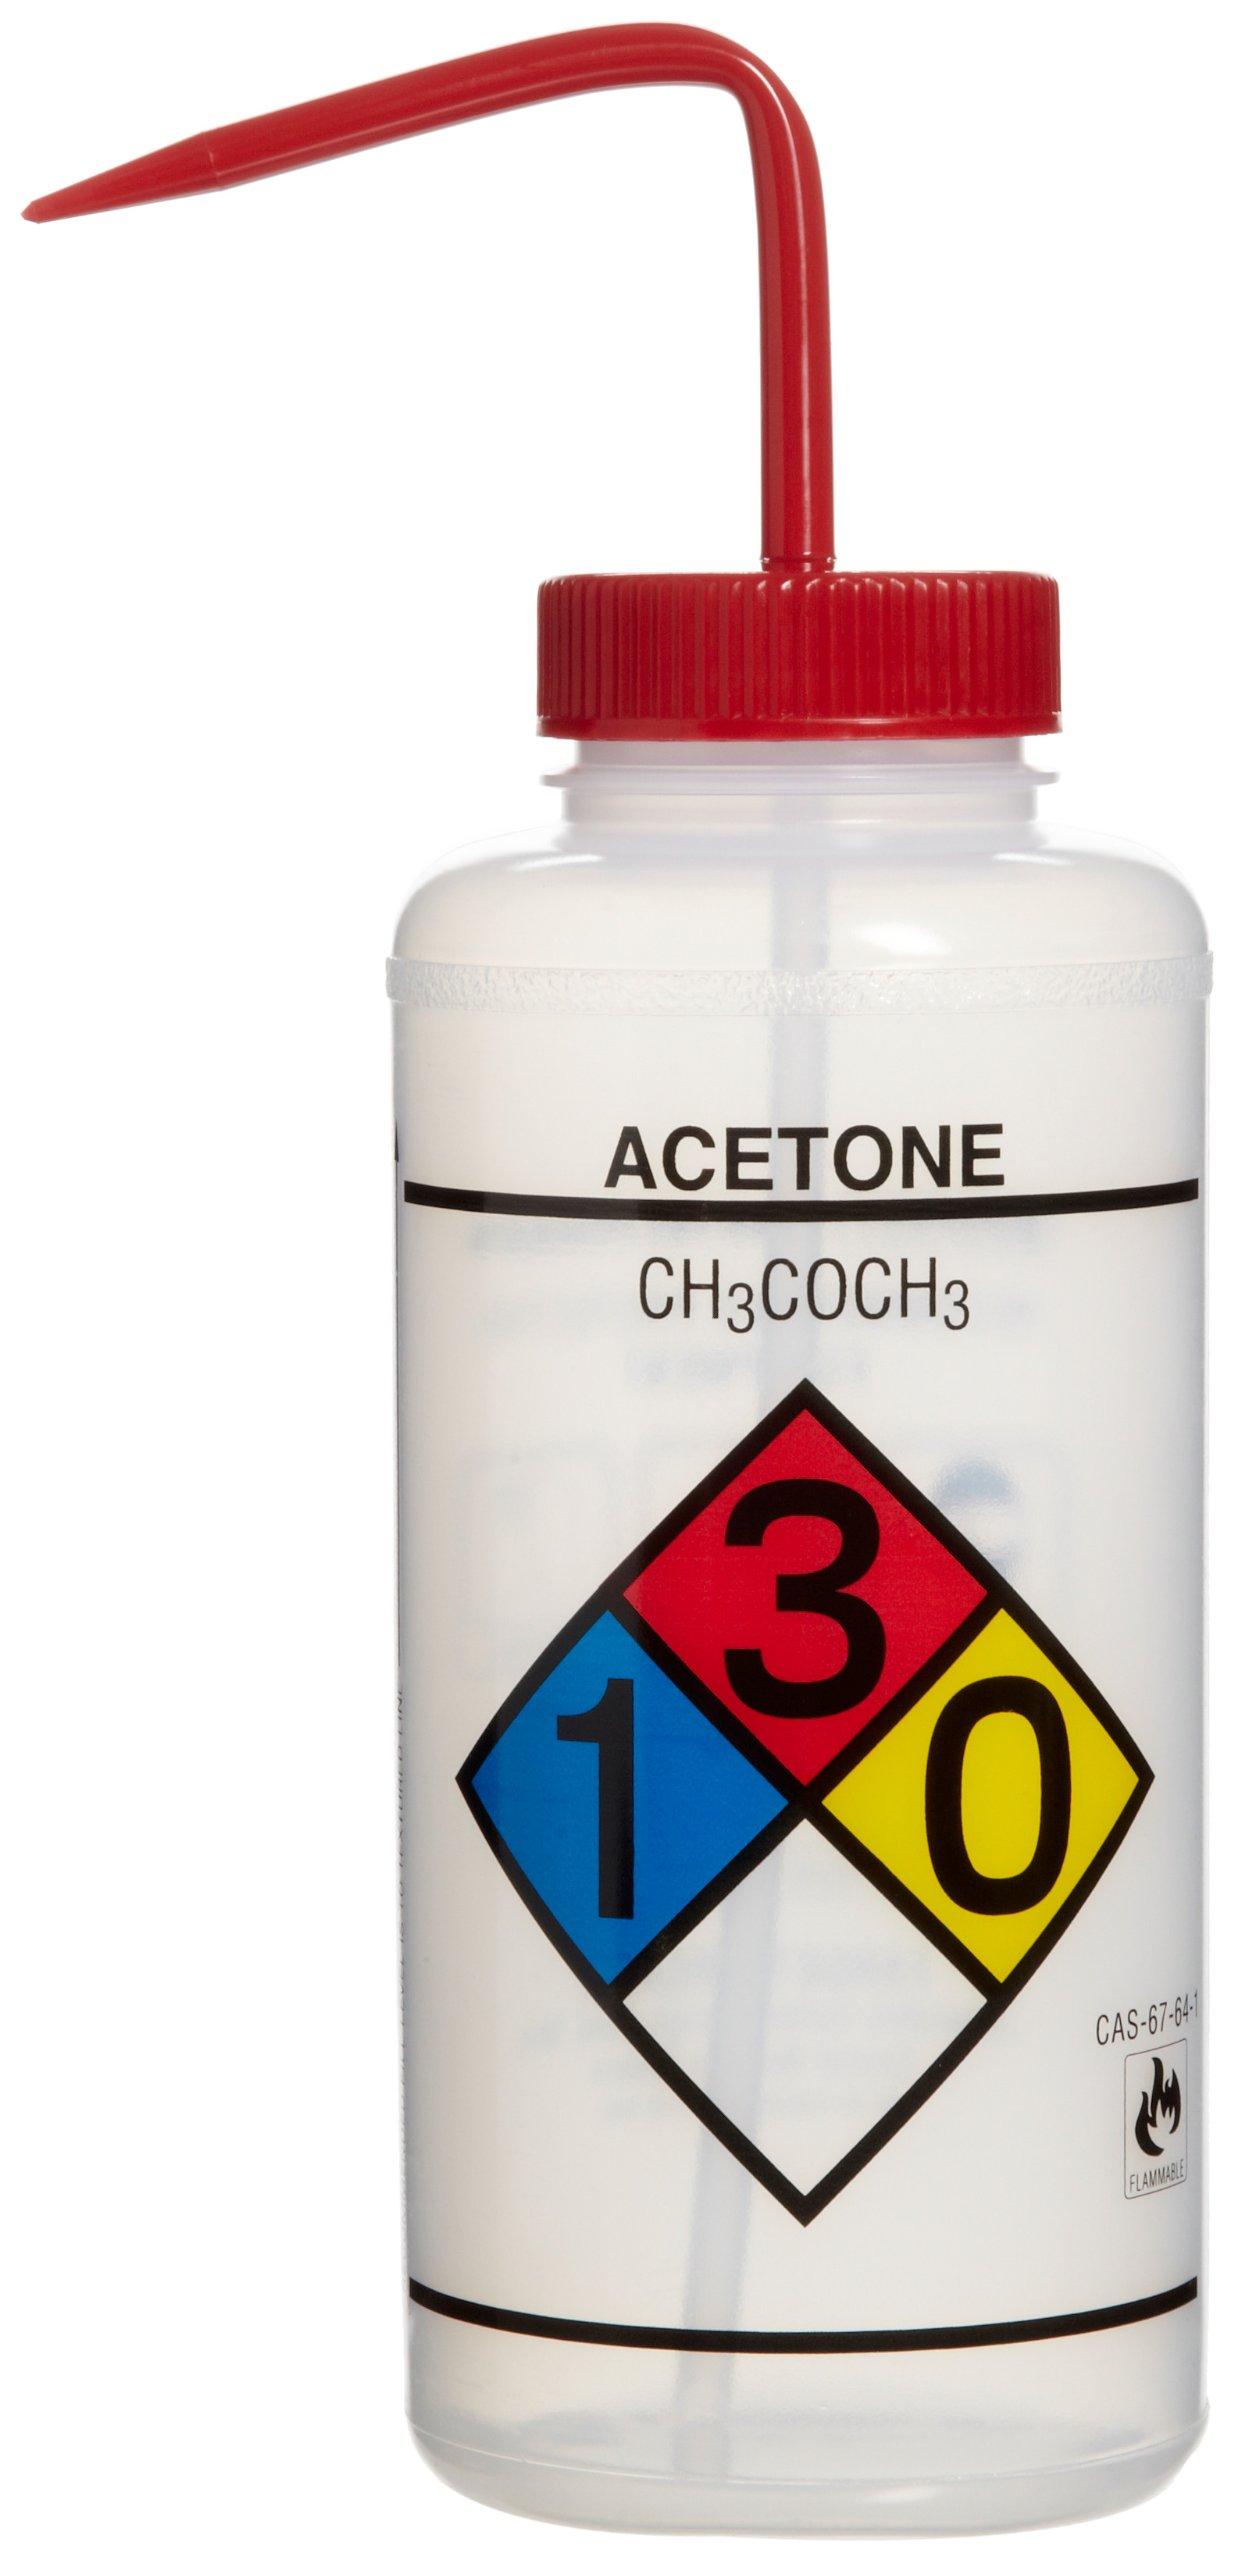 Bel-Art Safety-Labeled 4-Color Acetone Wide-Mouth Wash Bottles; 1000ml (32oz), Polyethylene w/Red Polypropylene Cap (Pack of 4) (F11732-0001)